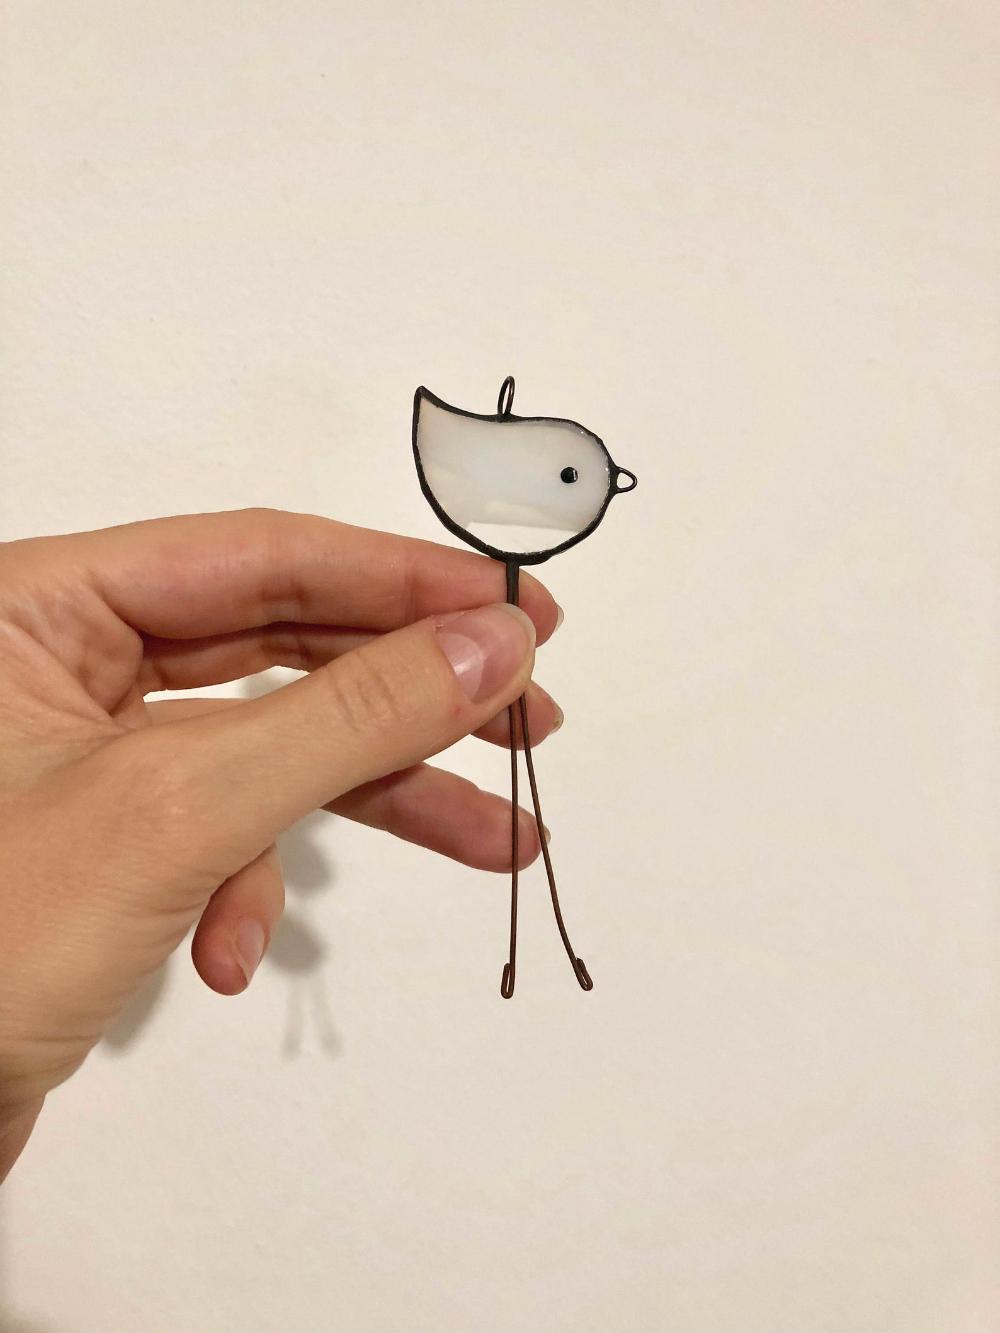 Small Bird Stained Glass Art Suncatcher Bird Figurine Bird Home decor White chicken art Stain Glass baby Chicken outside Decor Baby bird #smallbirds